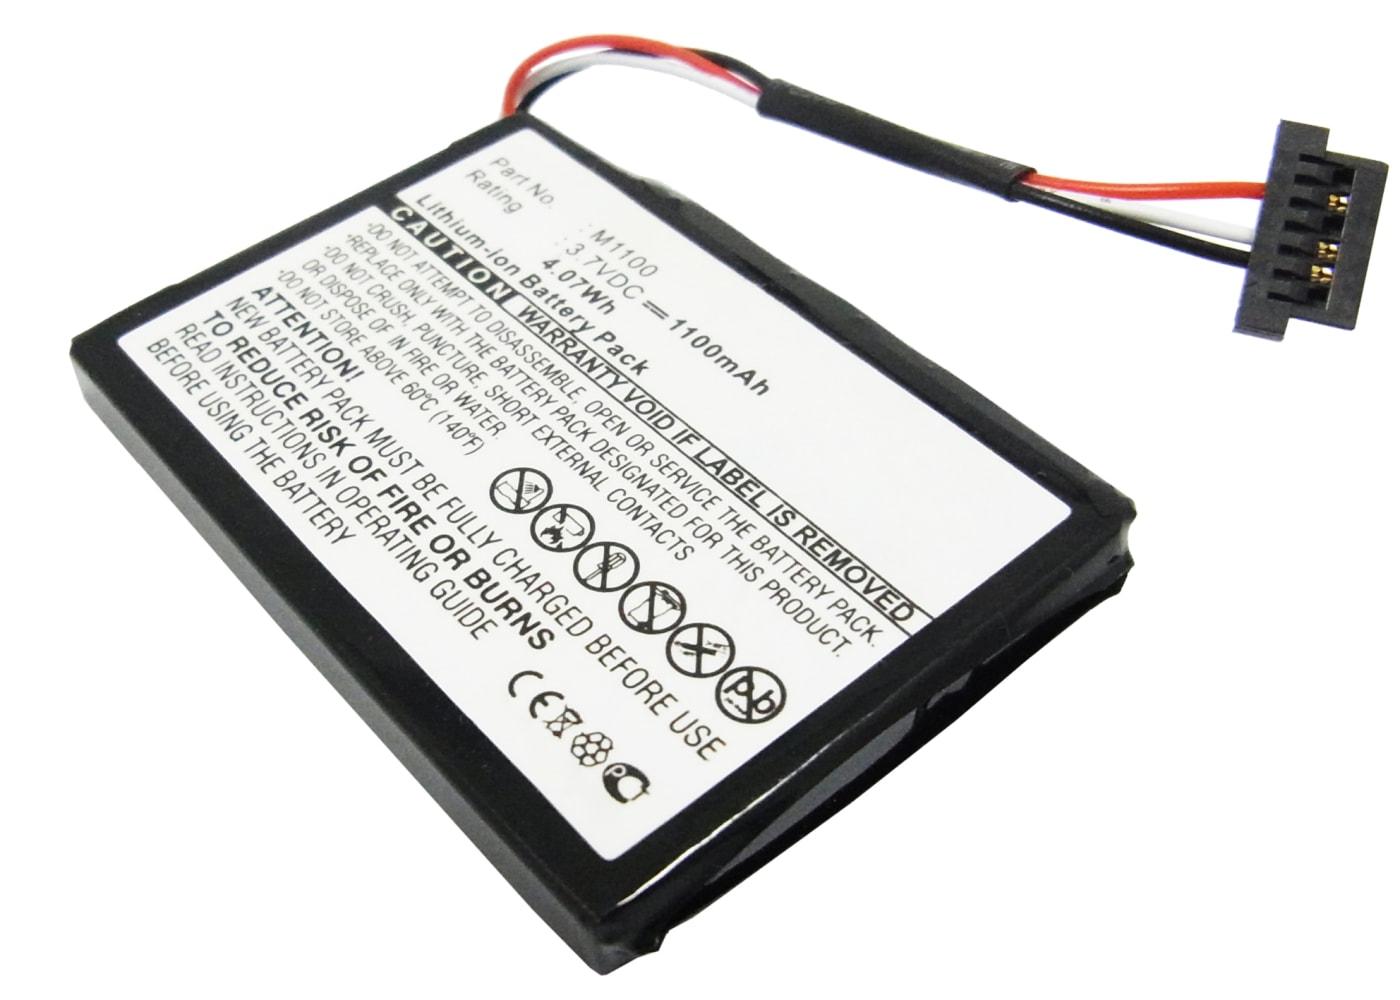 subtel® M1100 GPS-batteri för Medion GoPal E42xx / MD 97xxx Series / MD 98090 med 1100mAh - navigatorbatteri med lång batteritid